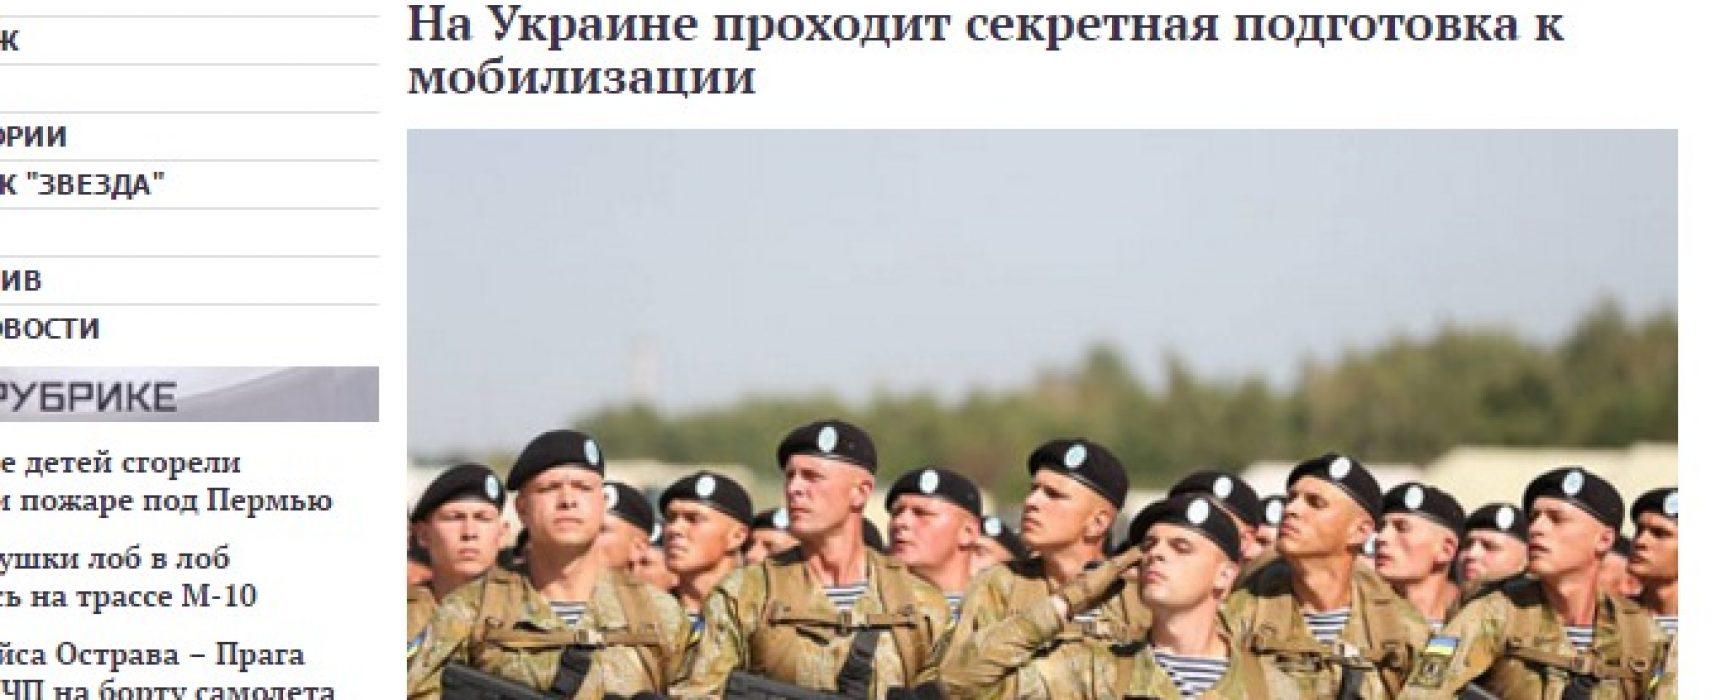 Le Ministère de la Défense de l'Ukraine a dementi la publication de «Vesti» à propos d'une mobilisation secrète